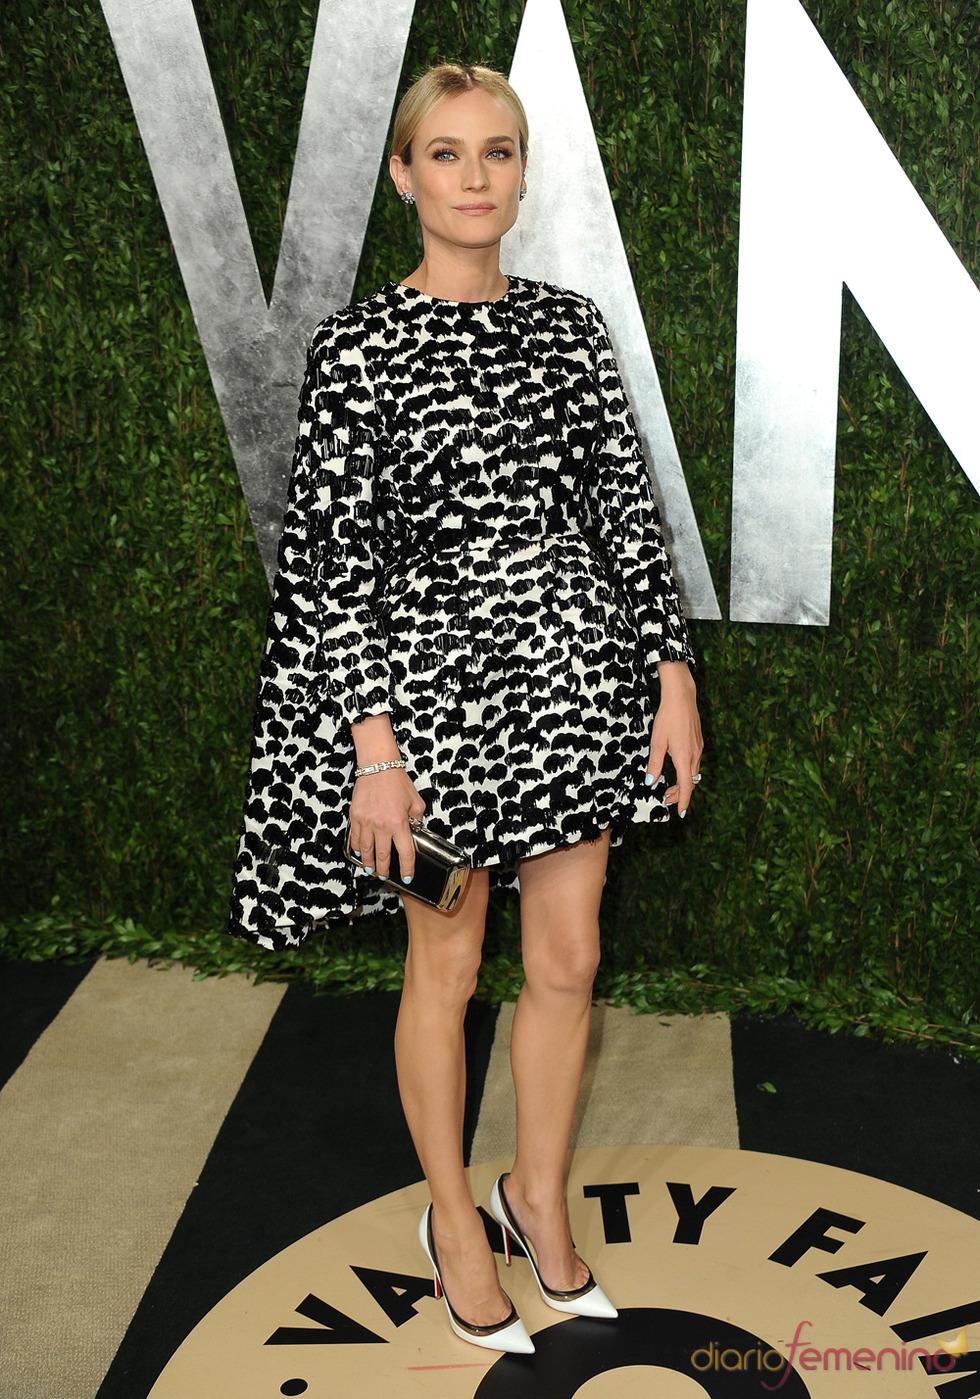 Diane Kruger en la fiesta de Vanity celebrada tras los Oscar 2013